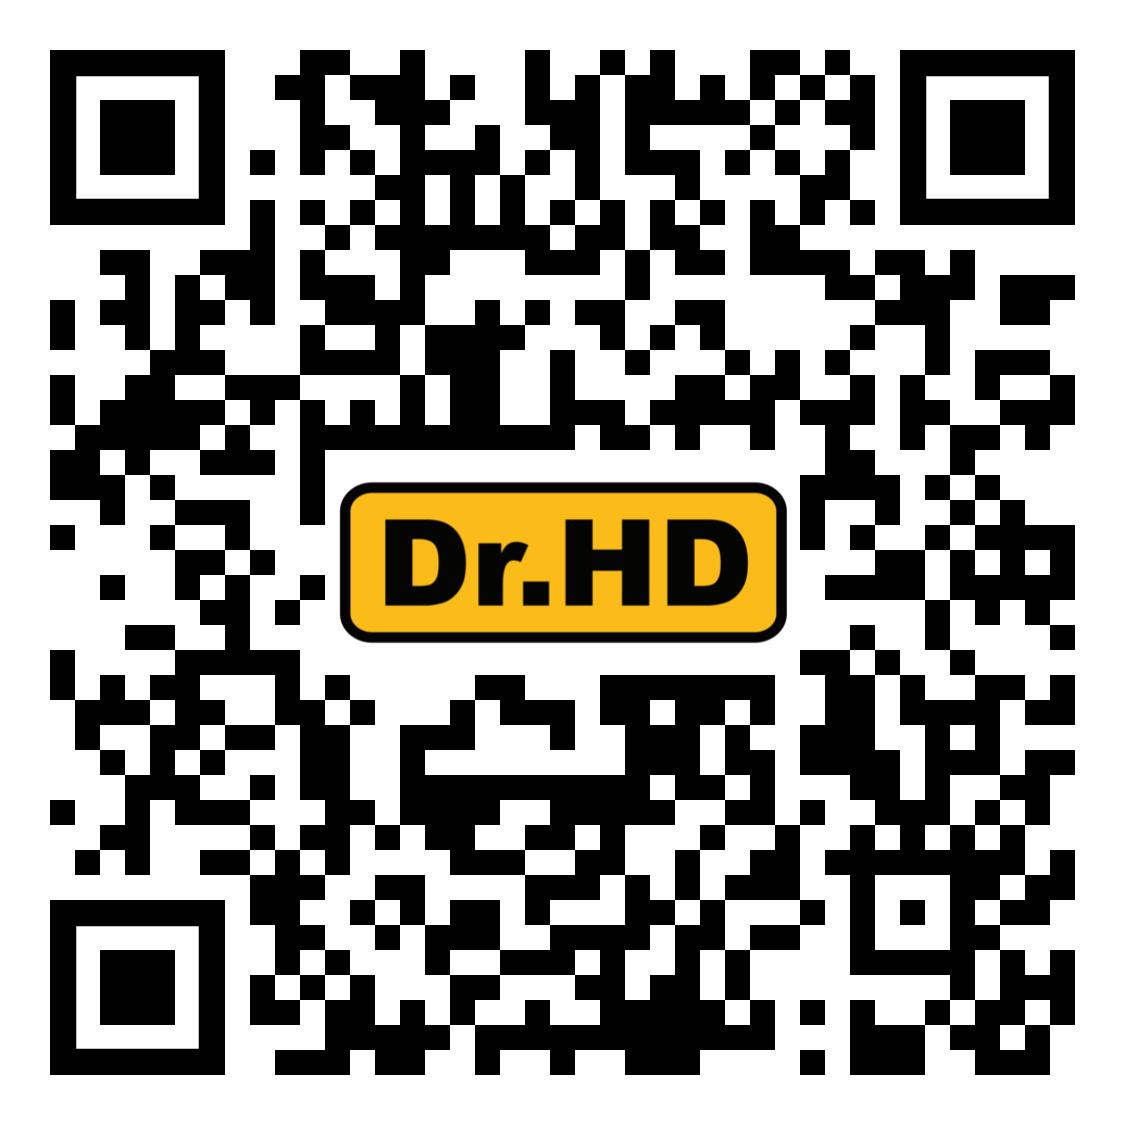 Скачать последнюю версию ПО для измерительного прибора Dr.HD 500 Combo